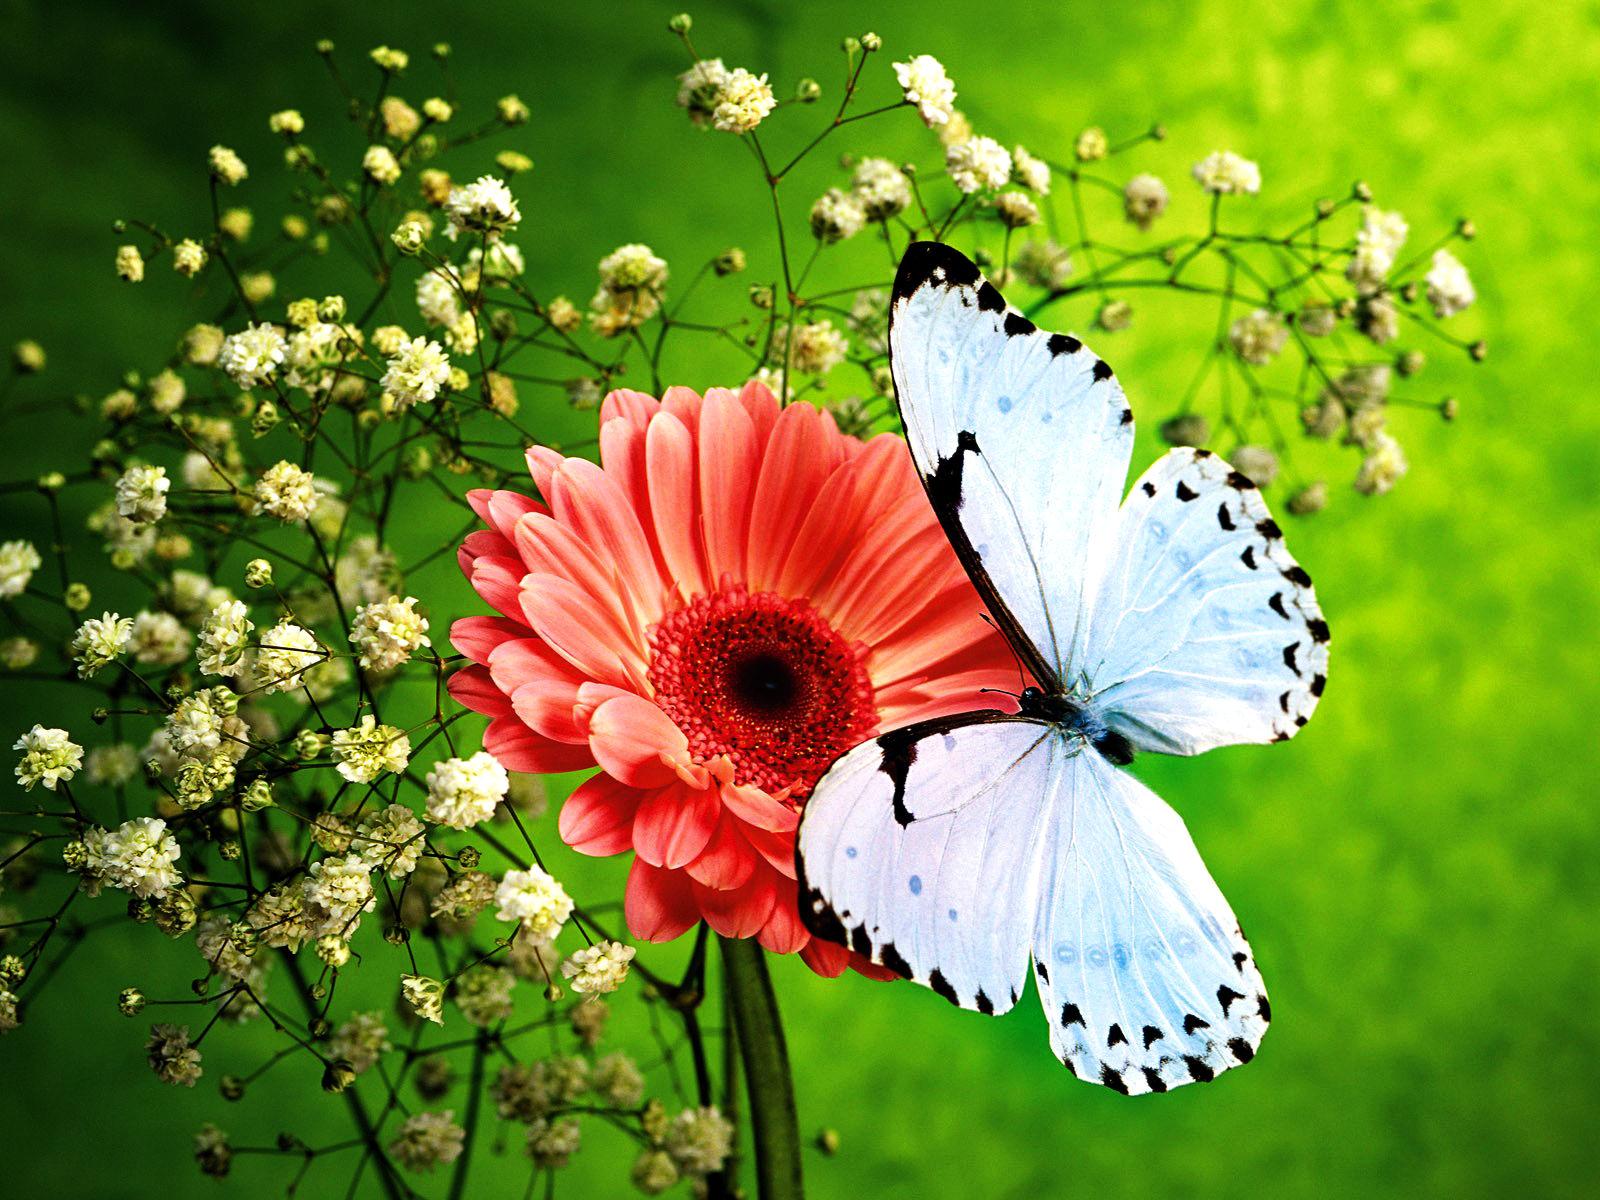 Wallpapers papillon hd le color de fleur x fonds d cran photo 1366x768 - Photo Hd Papillon Wallpaper Haute D Finition Papillon Fond D Cran